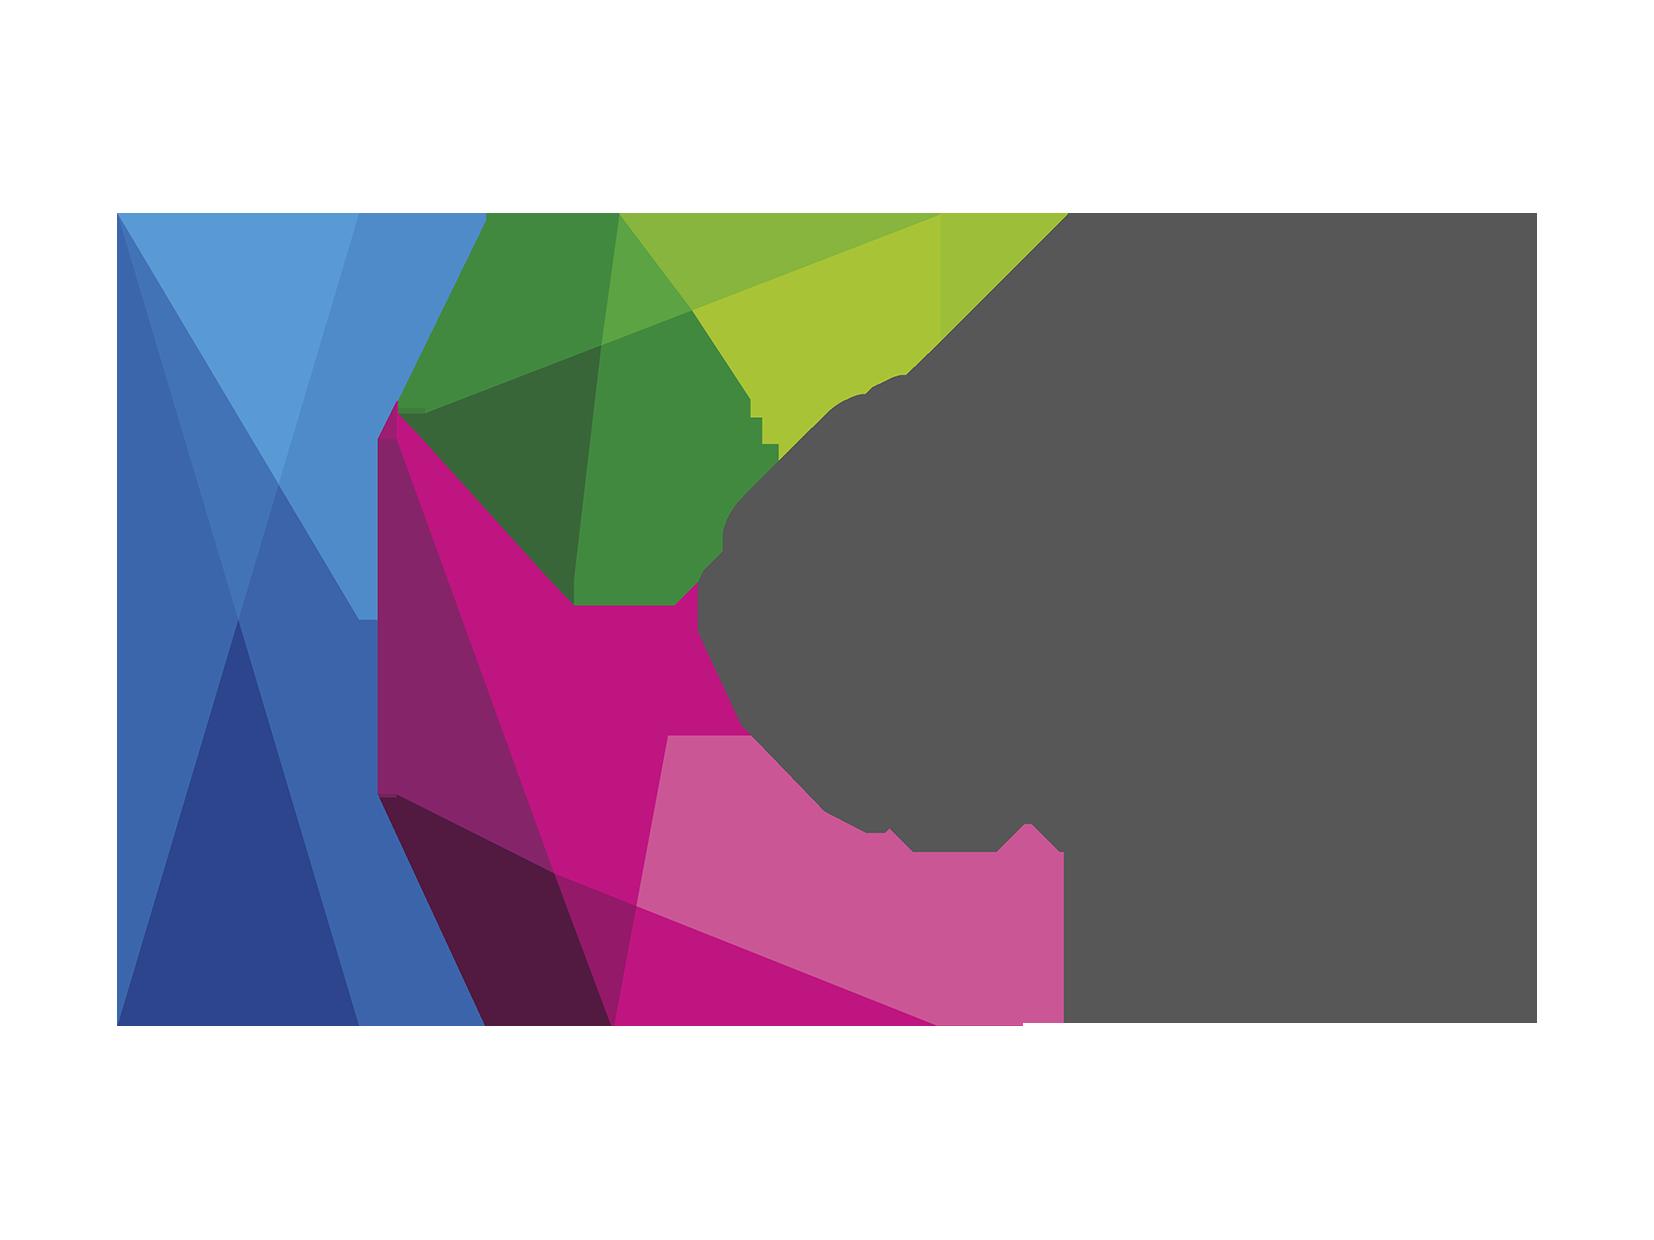 Logotipo Kalite